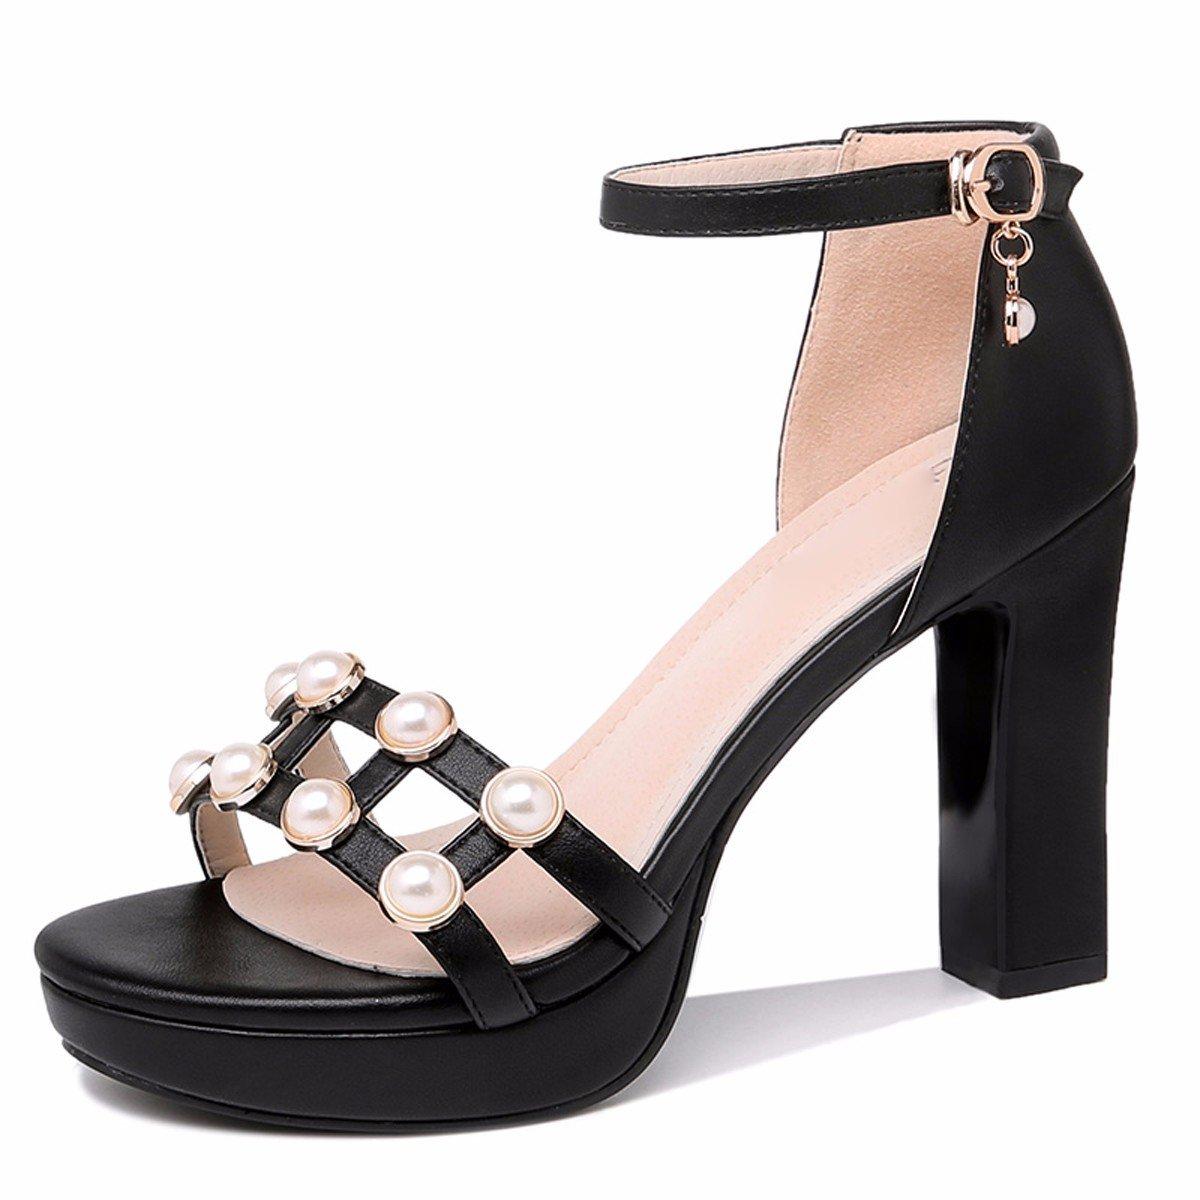 GTVERNH Damen Damens'S HeelsDicke Pumps HeelsDicke Damens'S Sohle 10Cm Hochhackigen Schuhe Weiblich Mitte Sohle Kleine Frische Wasserdichte Plattform Sommer Schnallen Sandalen. 97cd56